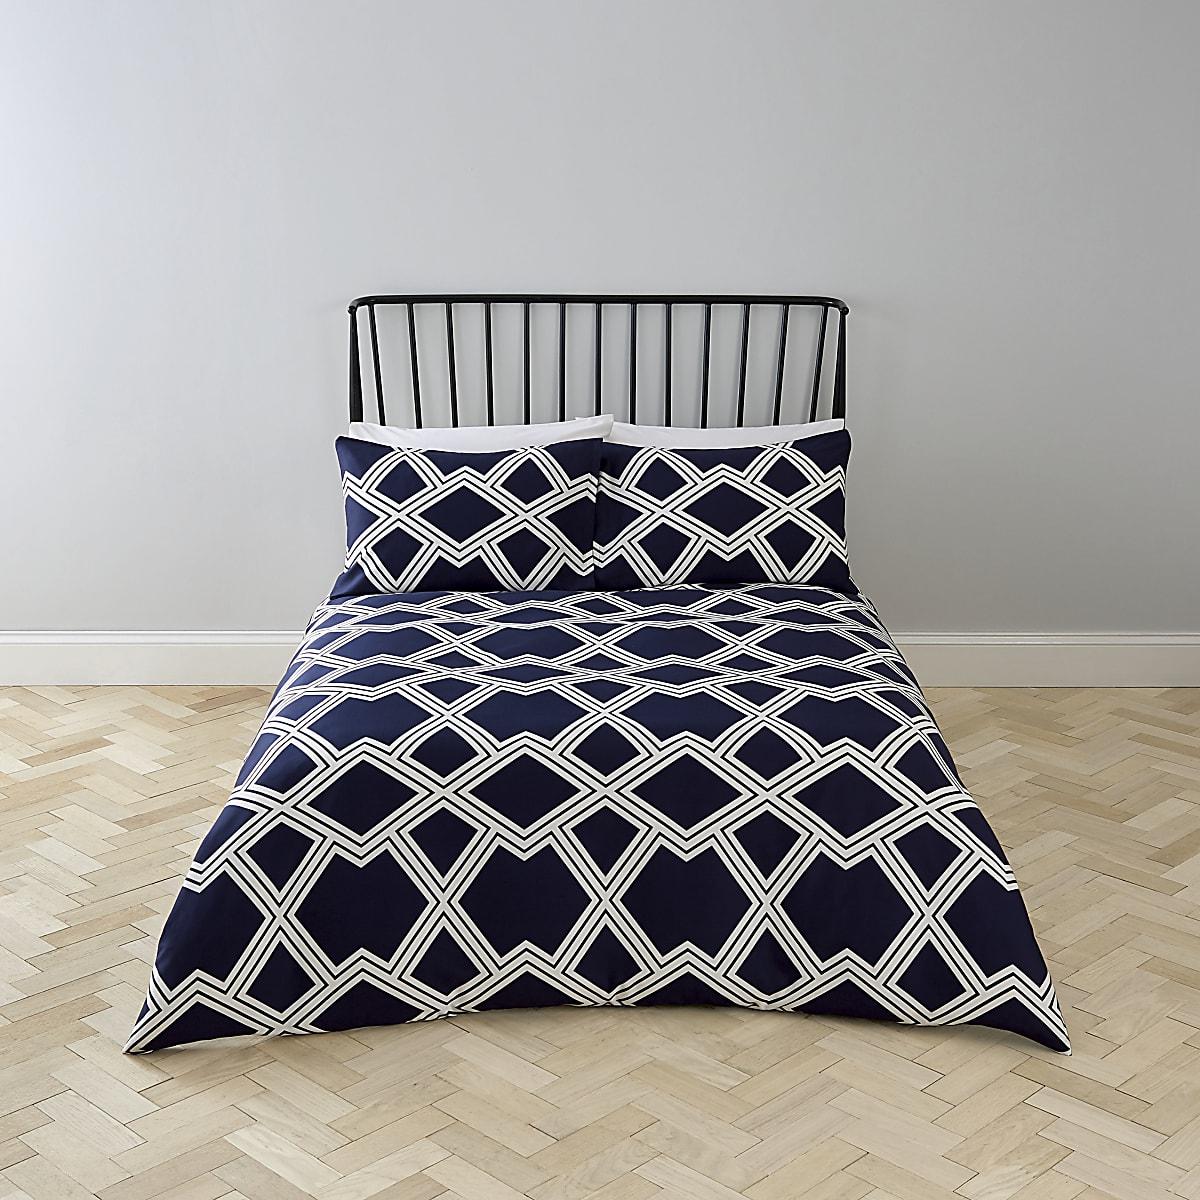 Marineblauwe tweepersoonsdekbedset met geometrische print